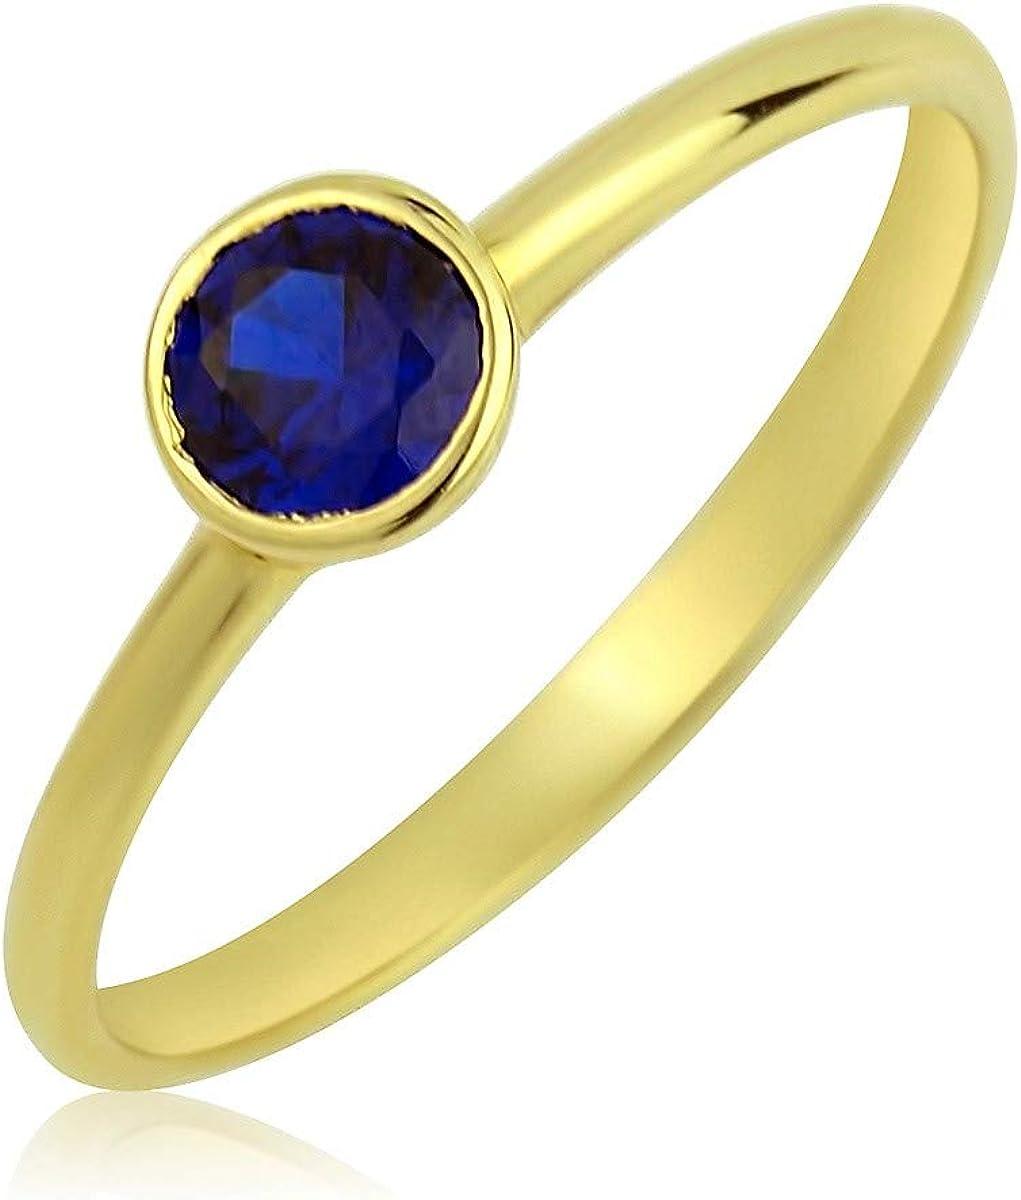 Aion Verlobungsring Weißgold 585 Massiv Gold Damen 4,5mm 28 Steine Gr 48-62-1103